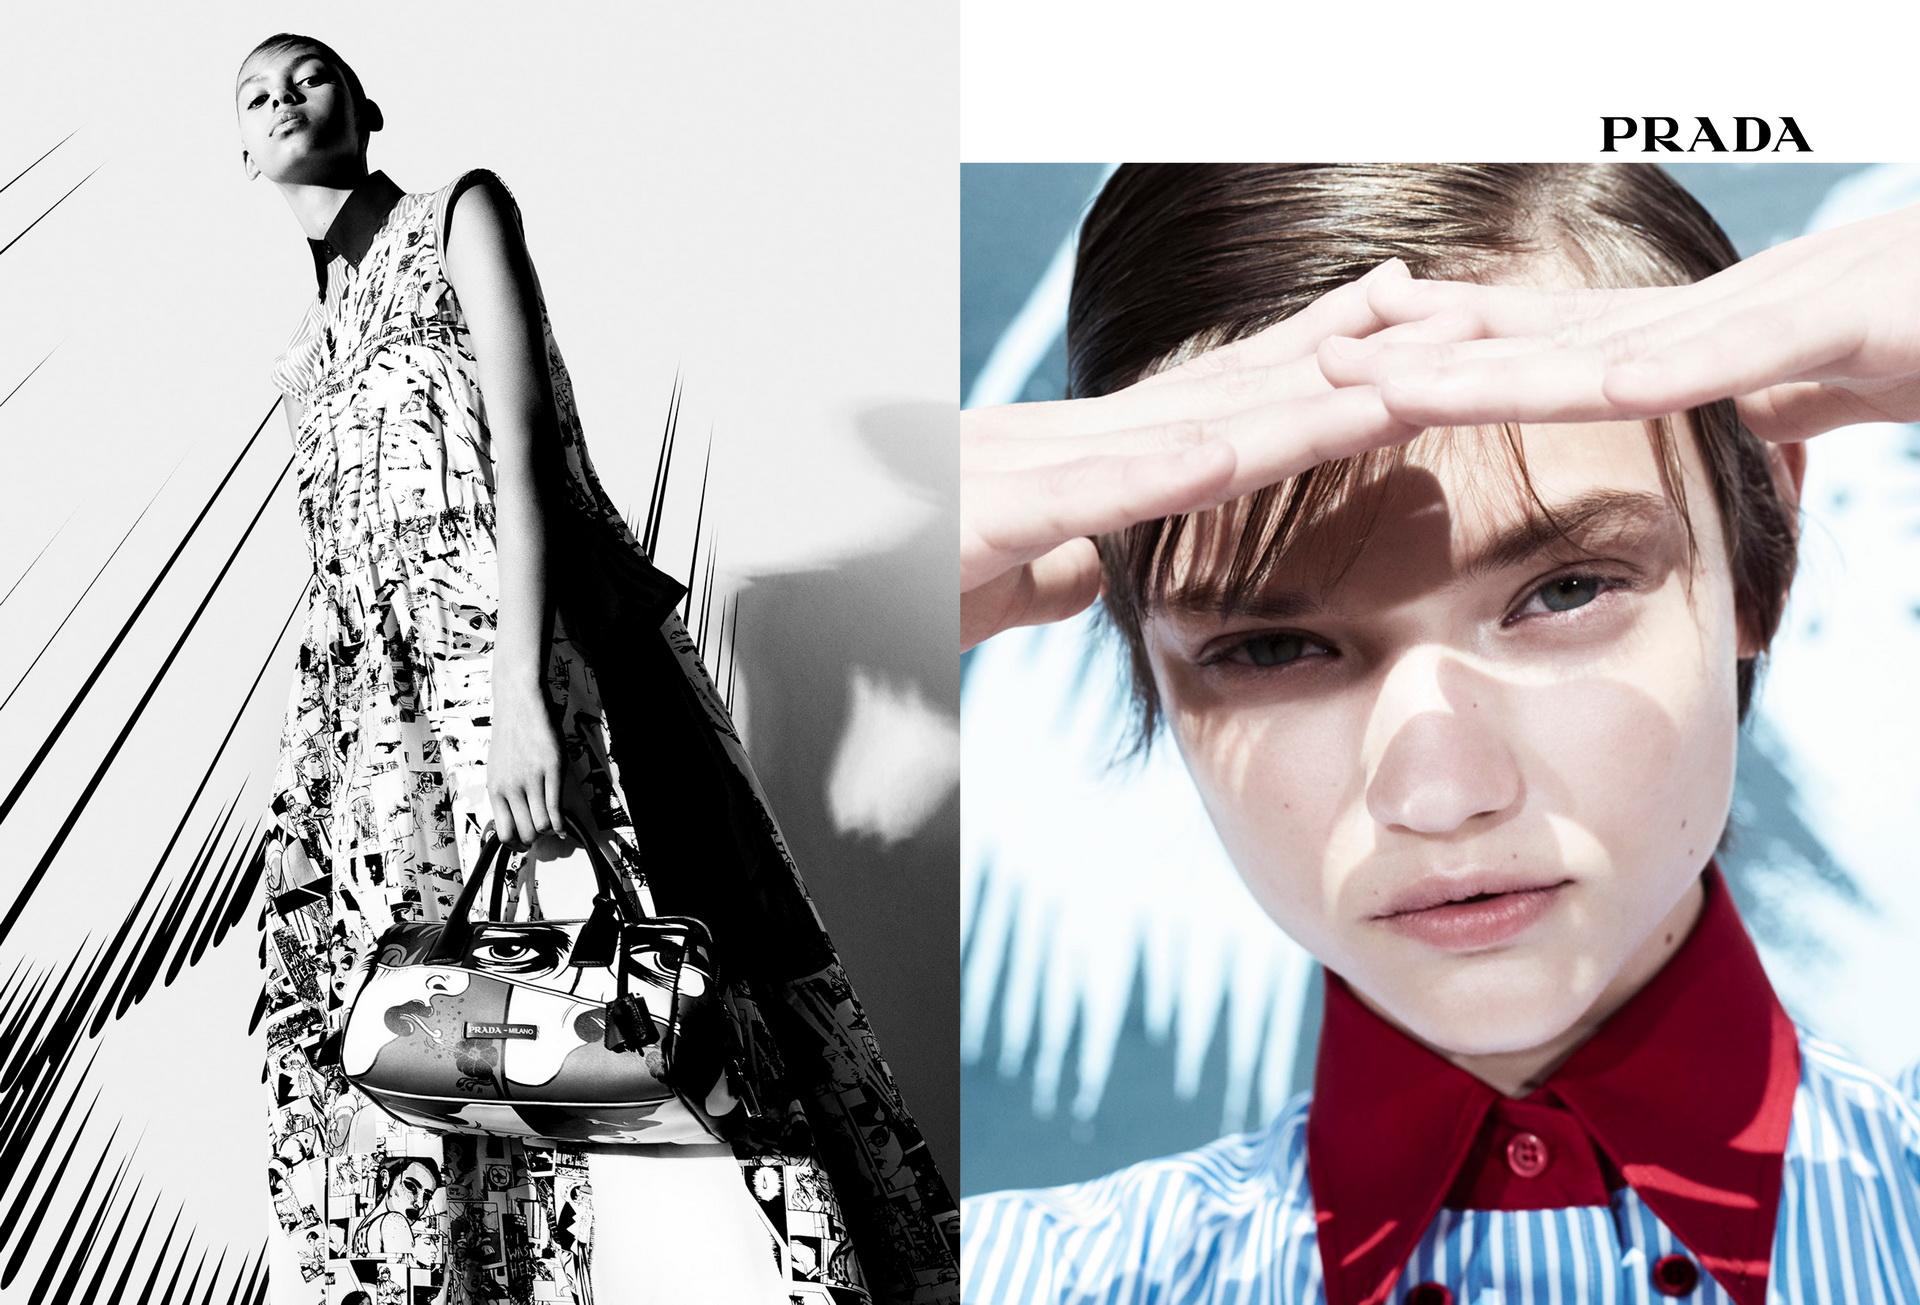 Українка стала обличчям бренду Prada